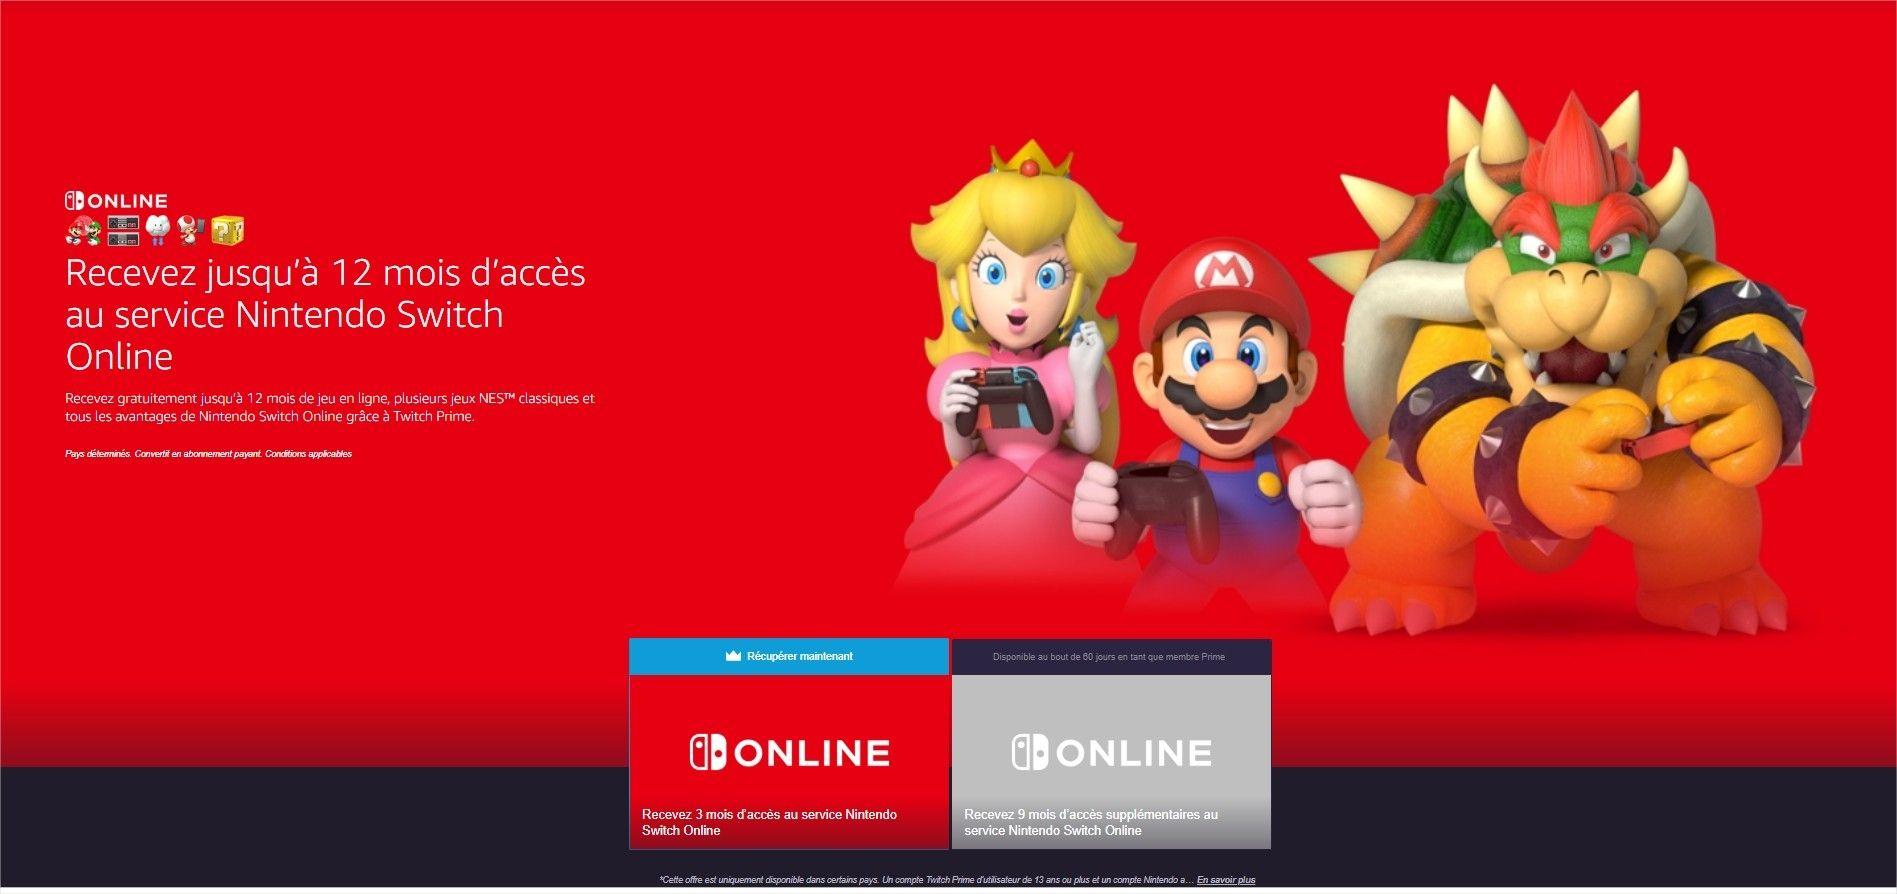 Amazon / Twitch Prime : 1 an d'abonnement au Nintendo Switch Online offert